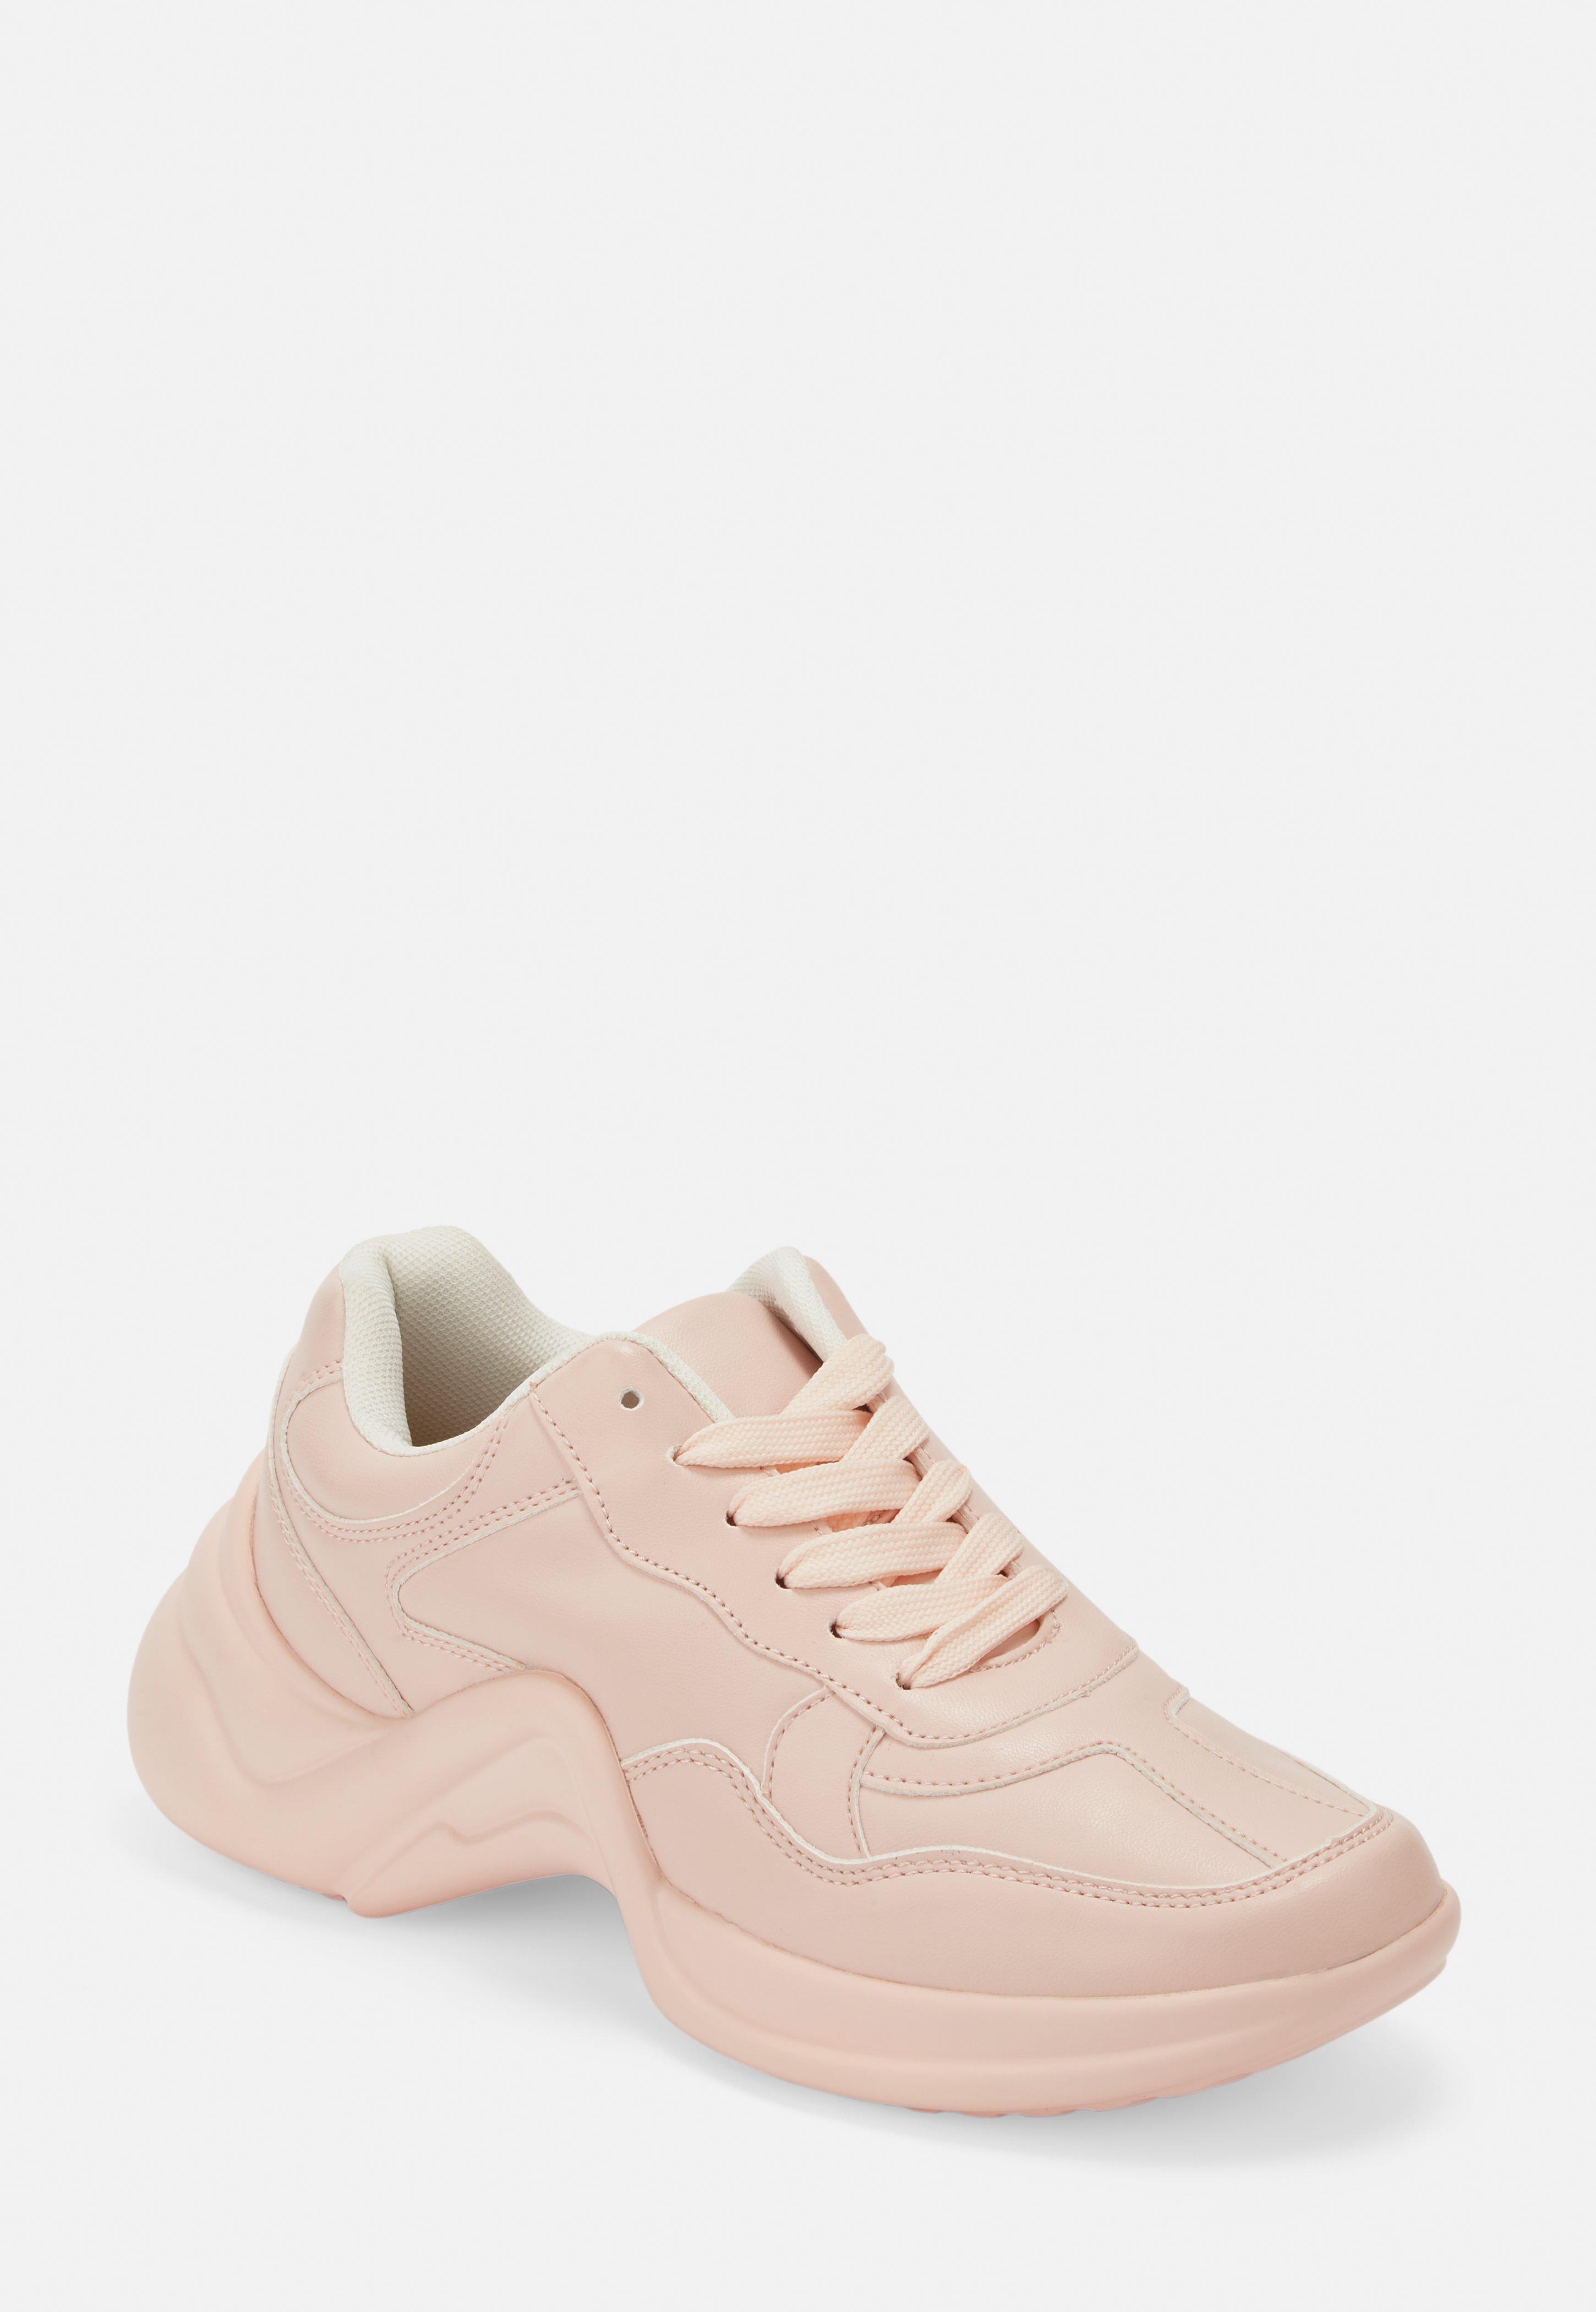 cheaper ba354 414b7 Sneaker mit dicker Sohle in Pink